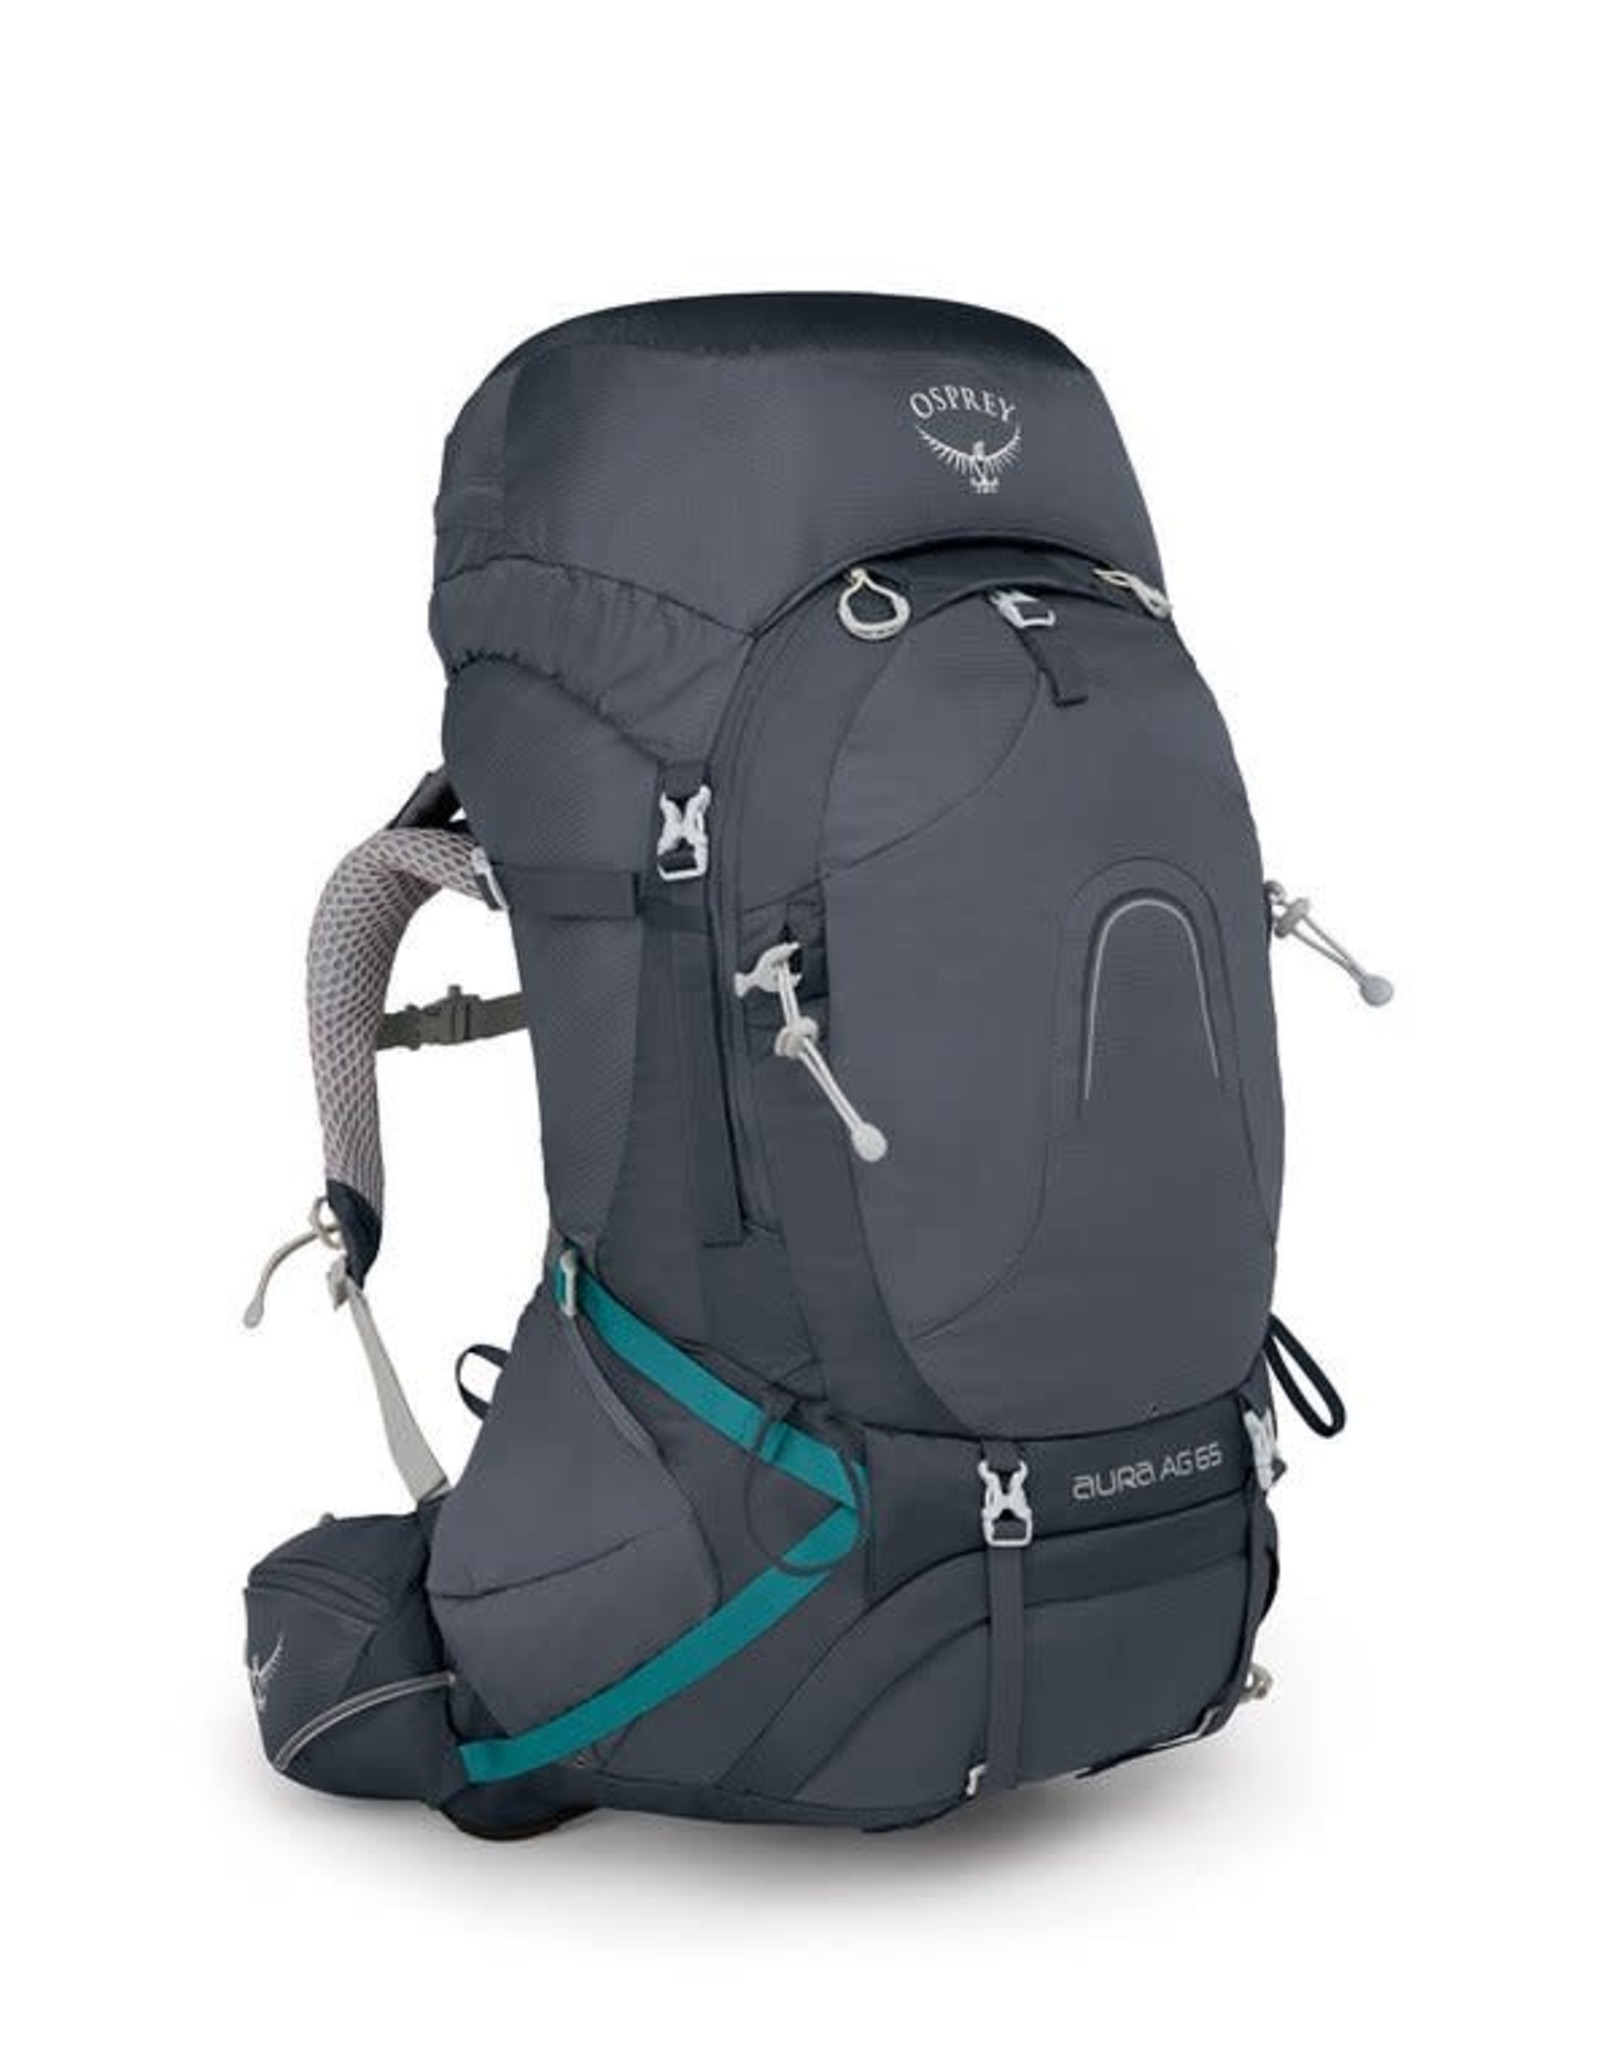 Osprey Osprey Aura AG 65 Women's Pack